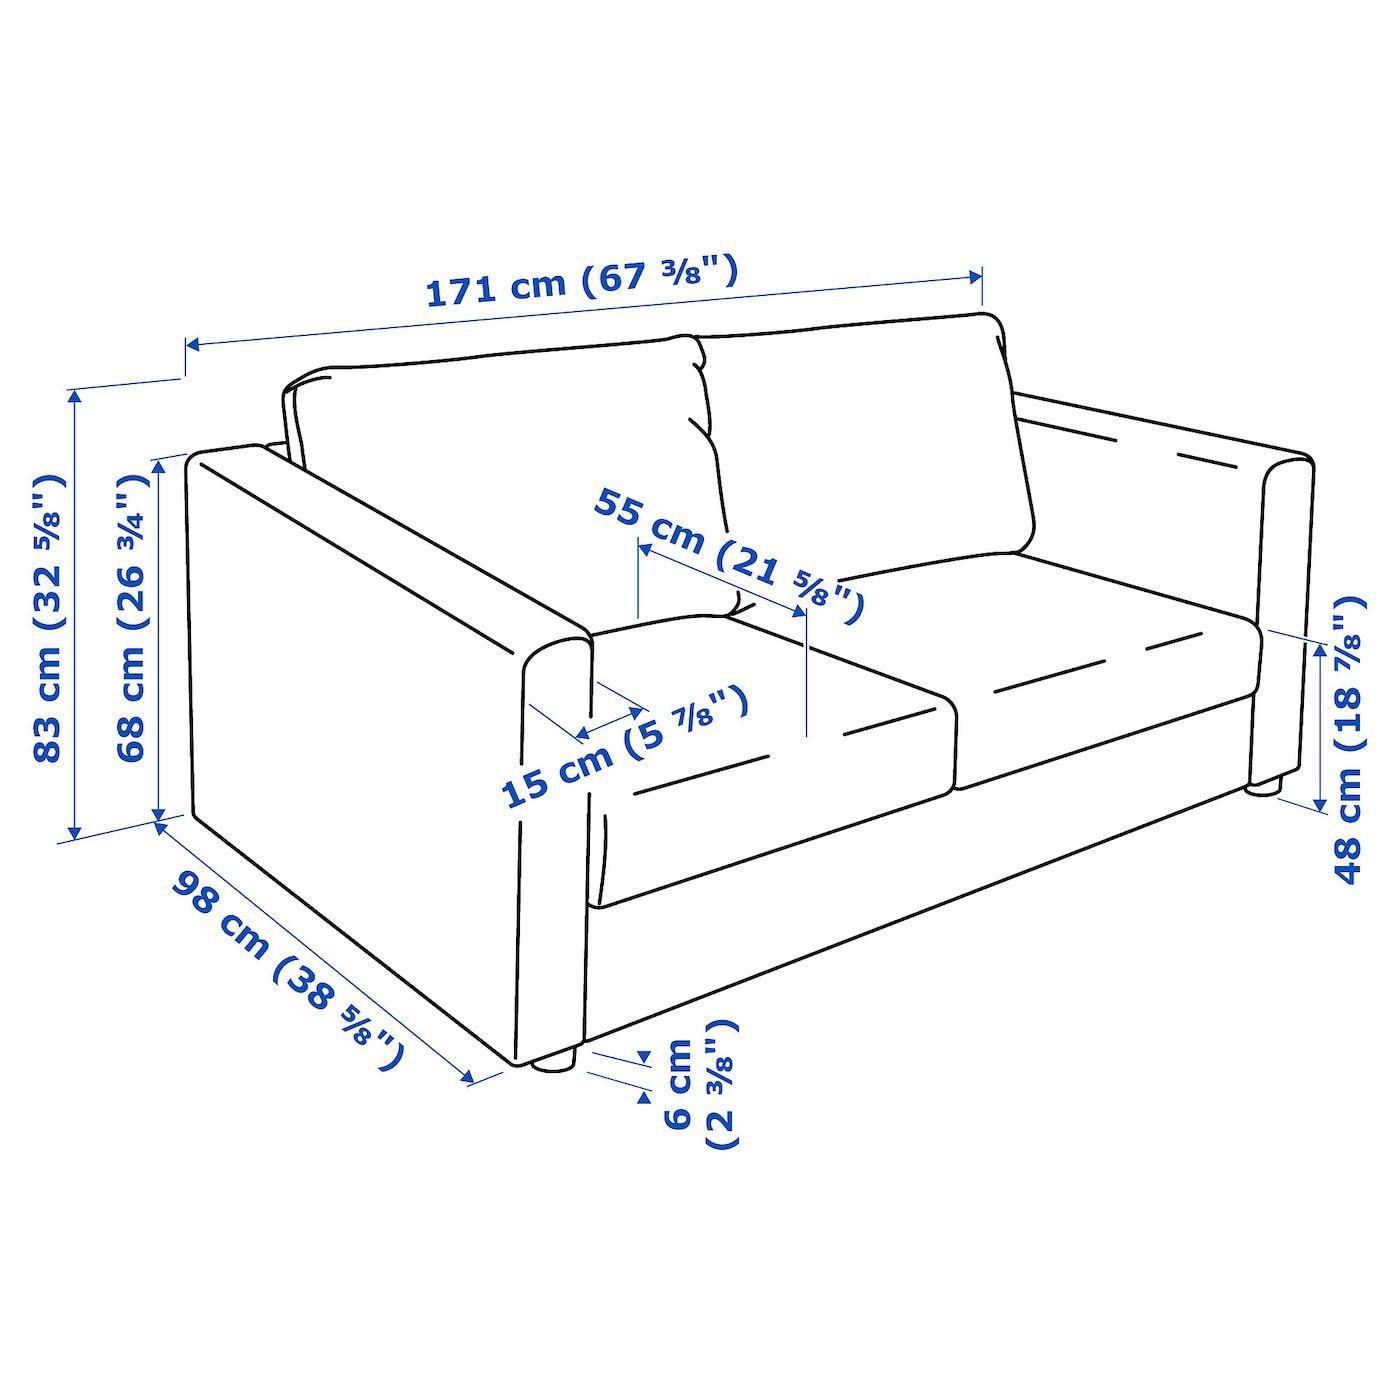 Vimle Sofa 2 Plazas Gunnared Beige Ikea In 2020 2er Sofa Sofa Ikea